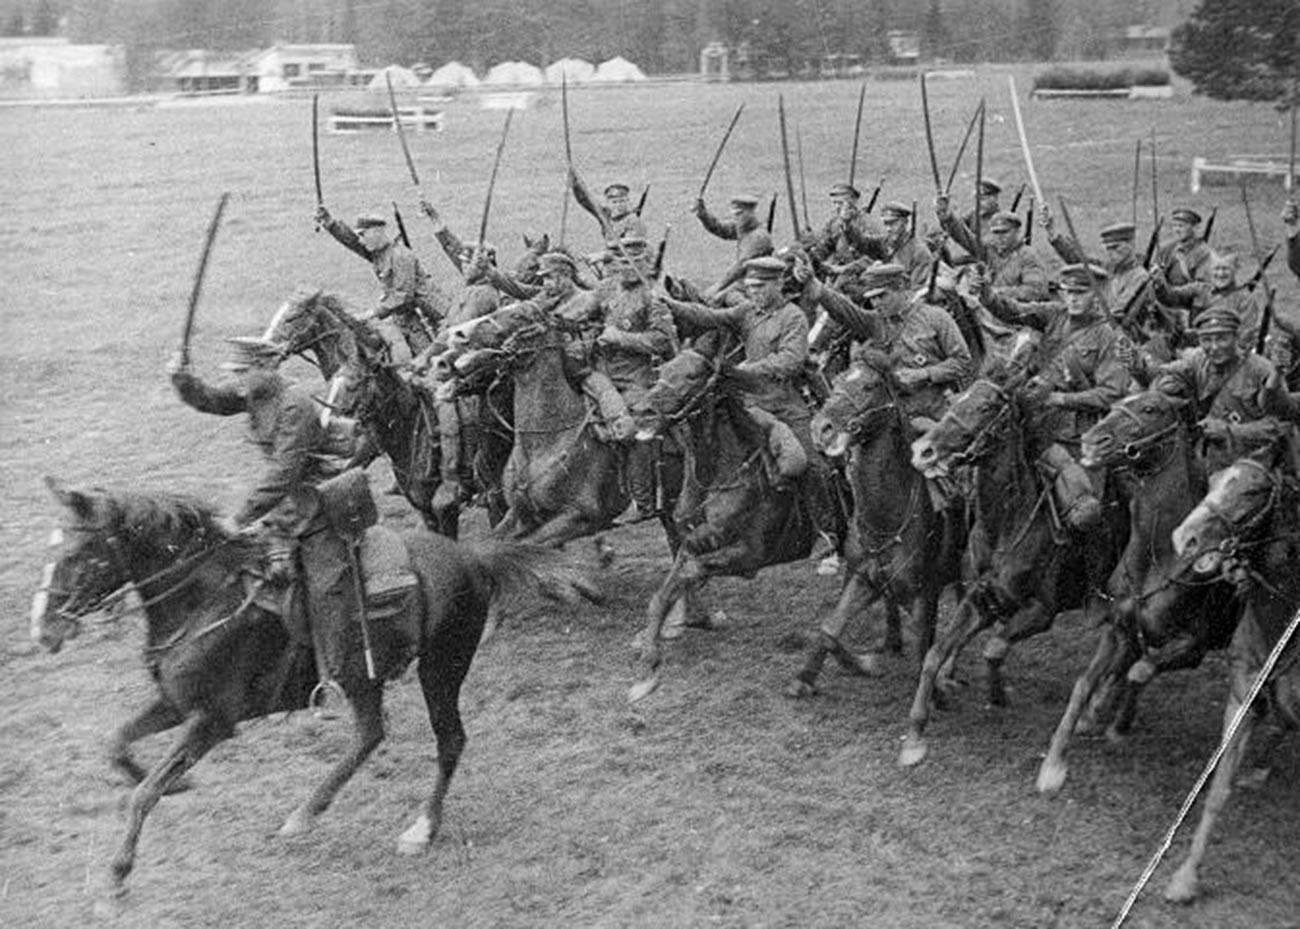 Kavallerie der Roten Armee